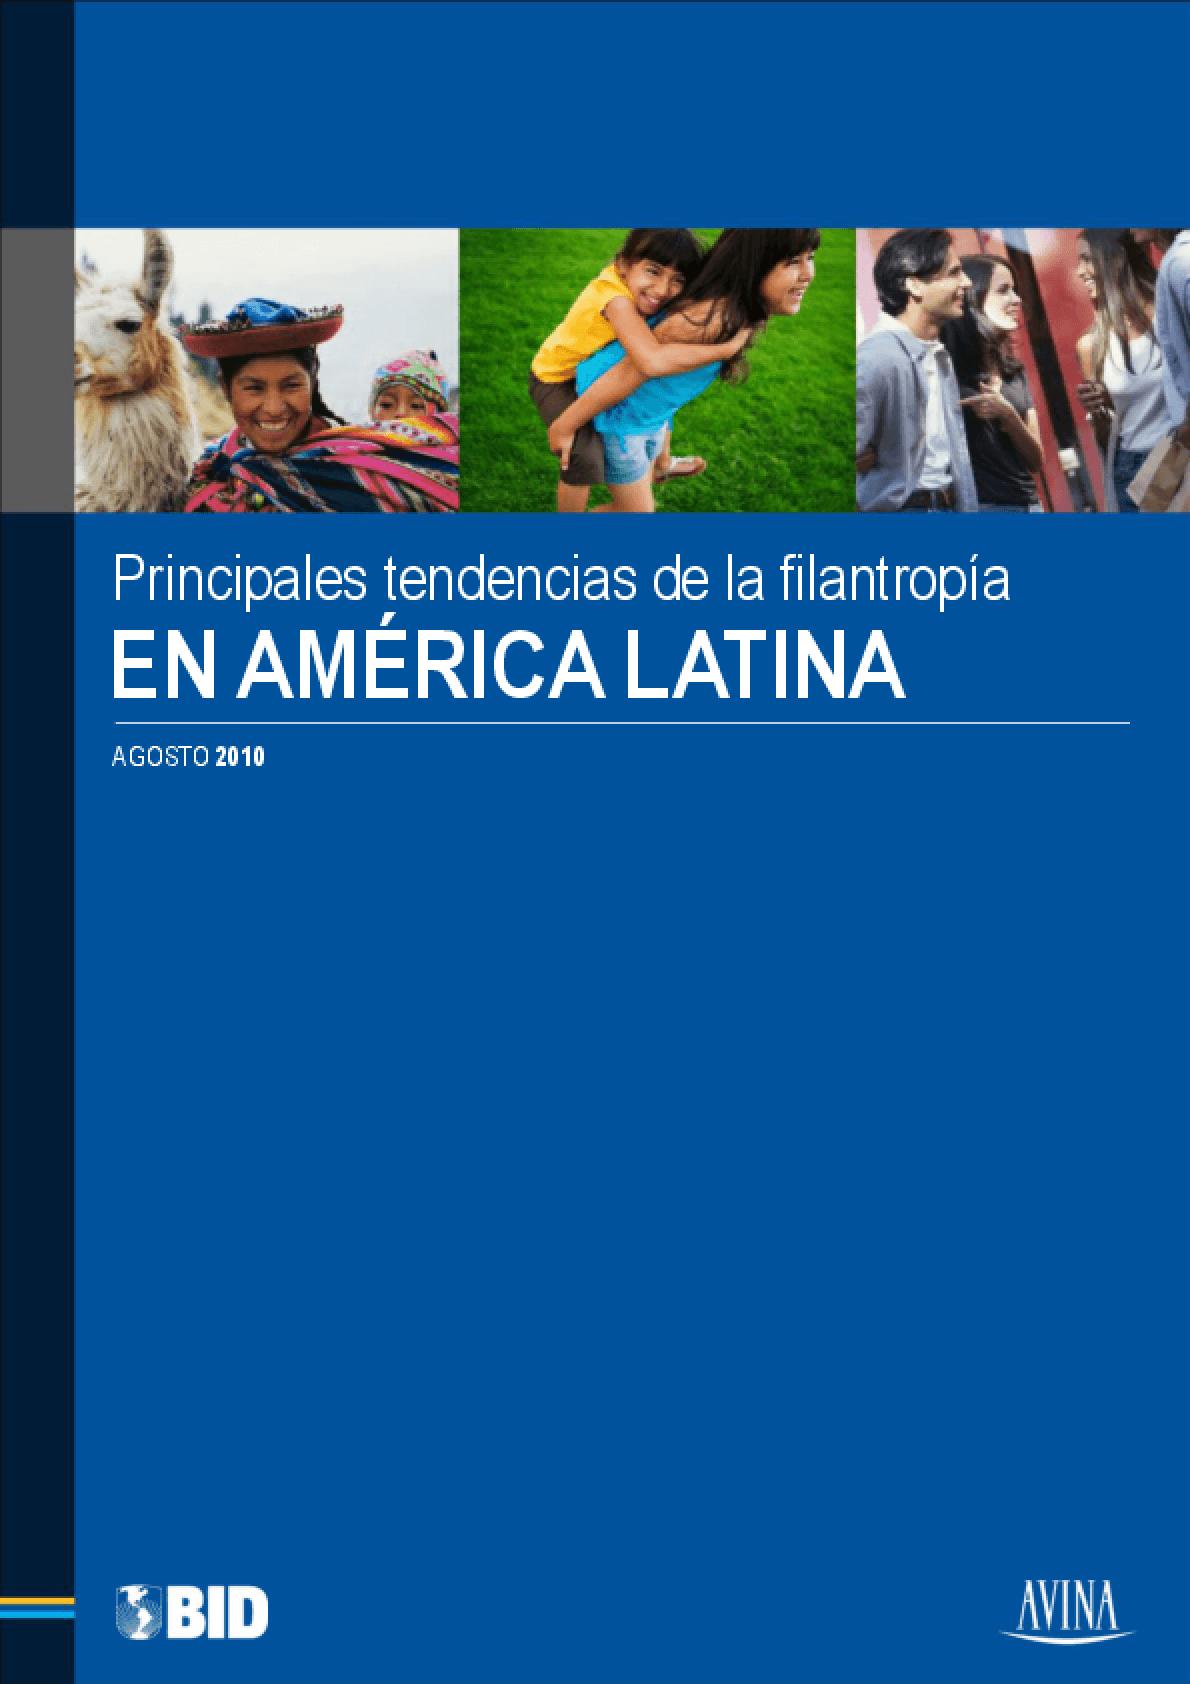 Principales tendencias de la filantropia en America Latina